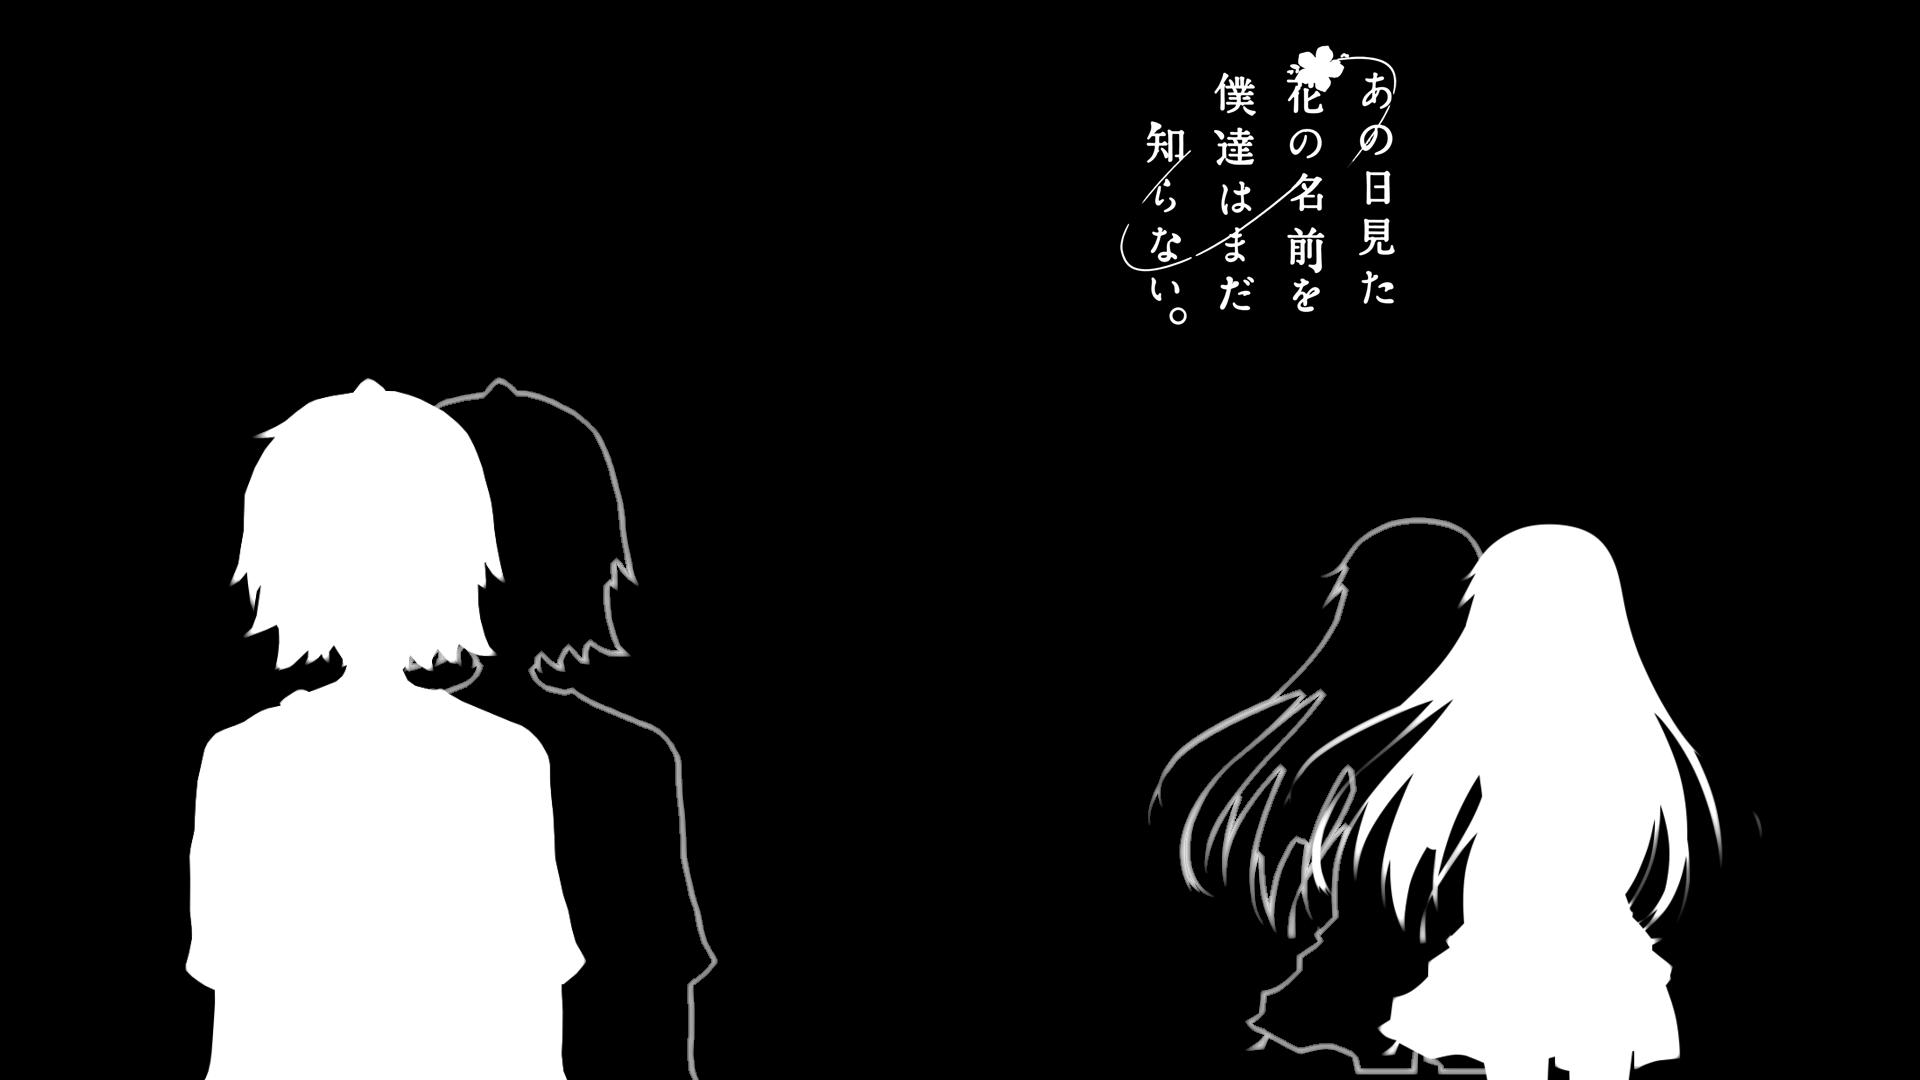 デスクトップ壁紙 図 アニメ シルエット テキスト 感情